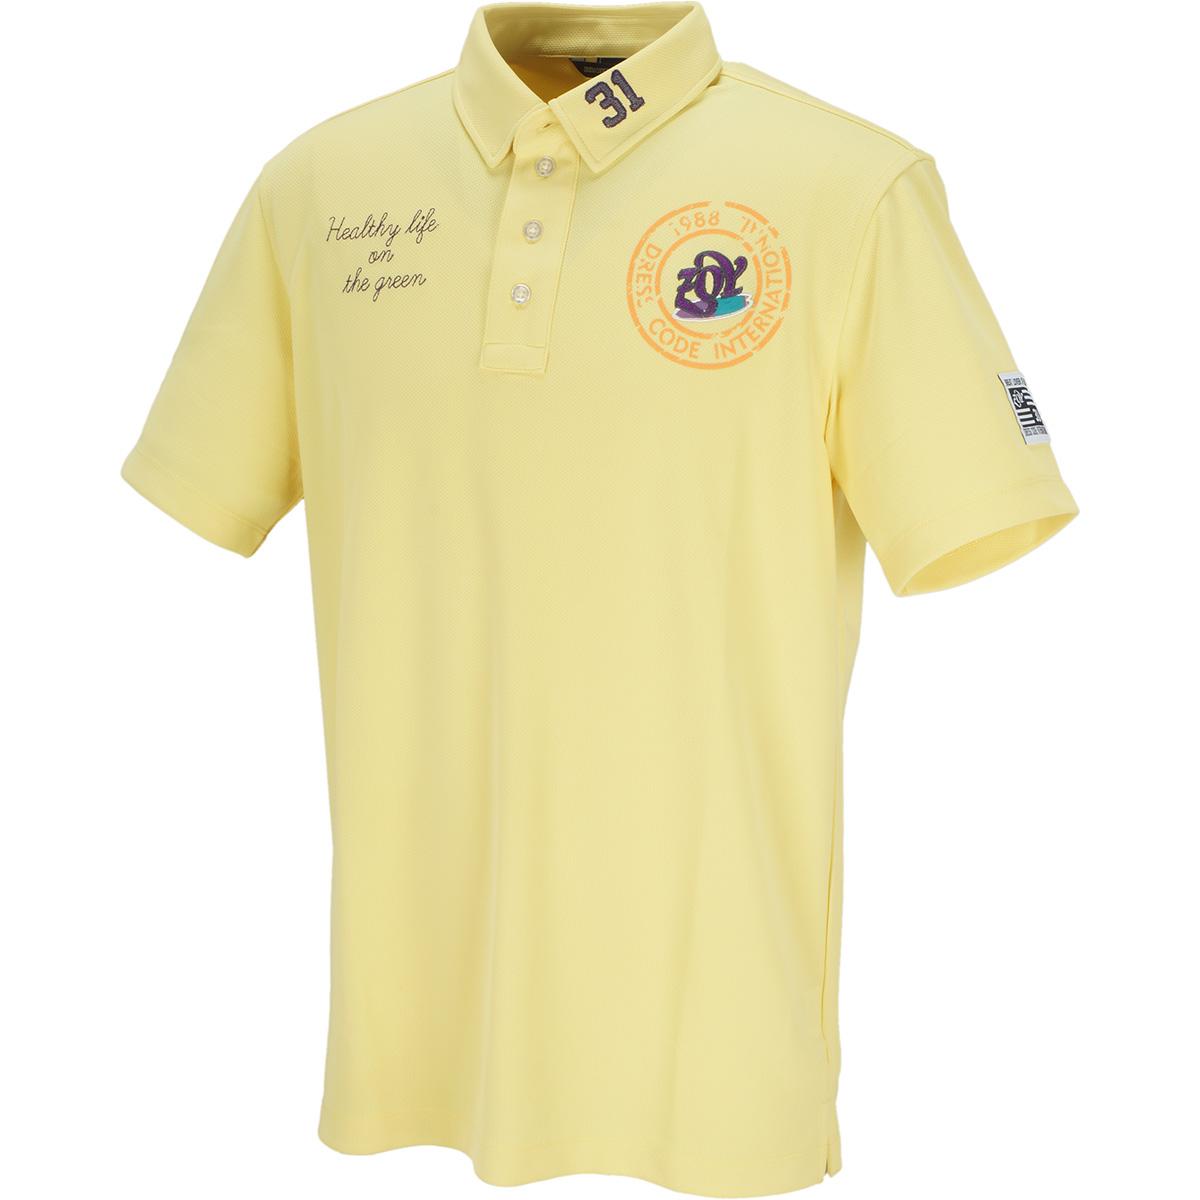 ハイブリットハニカムジャージー 半袖ポロシャツ